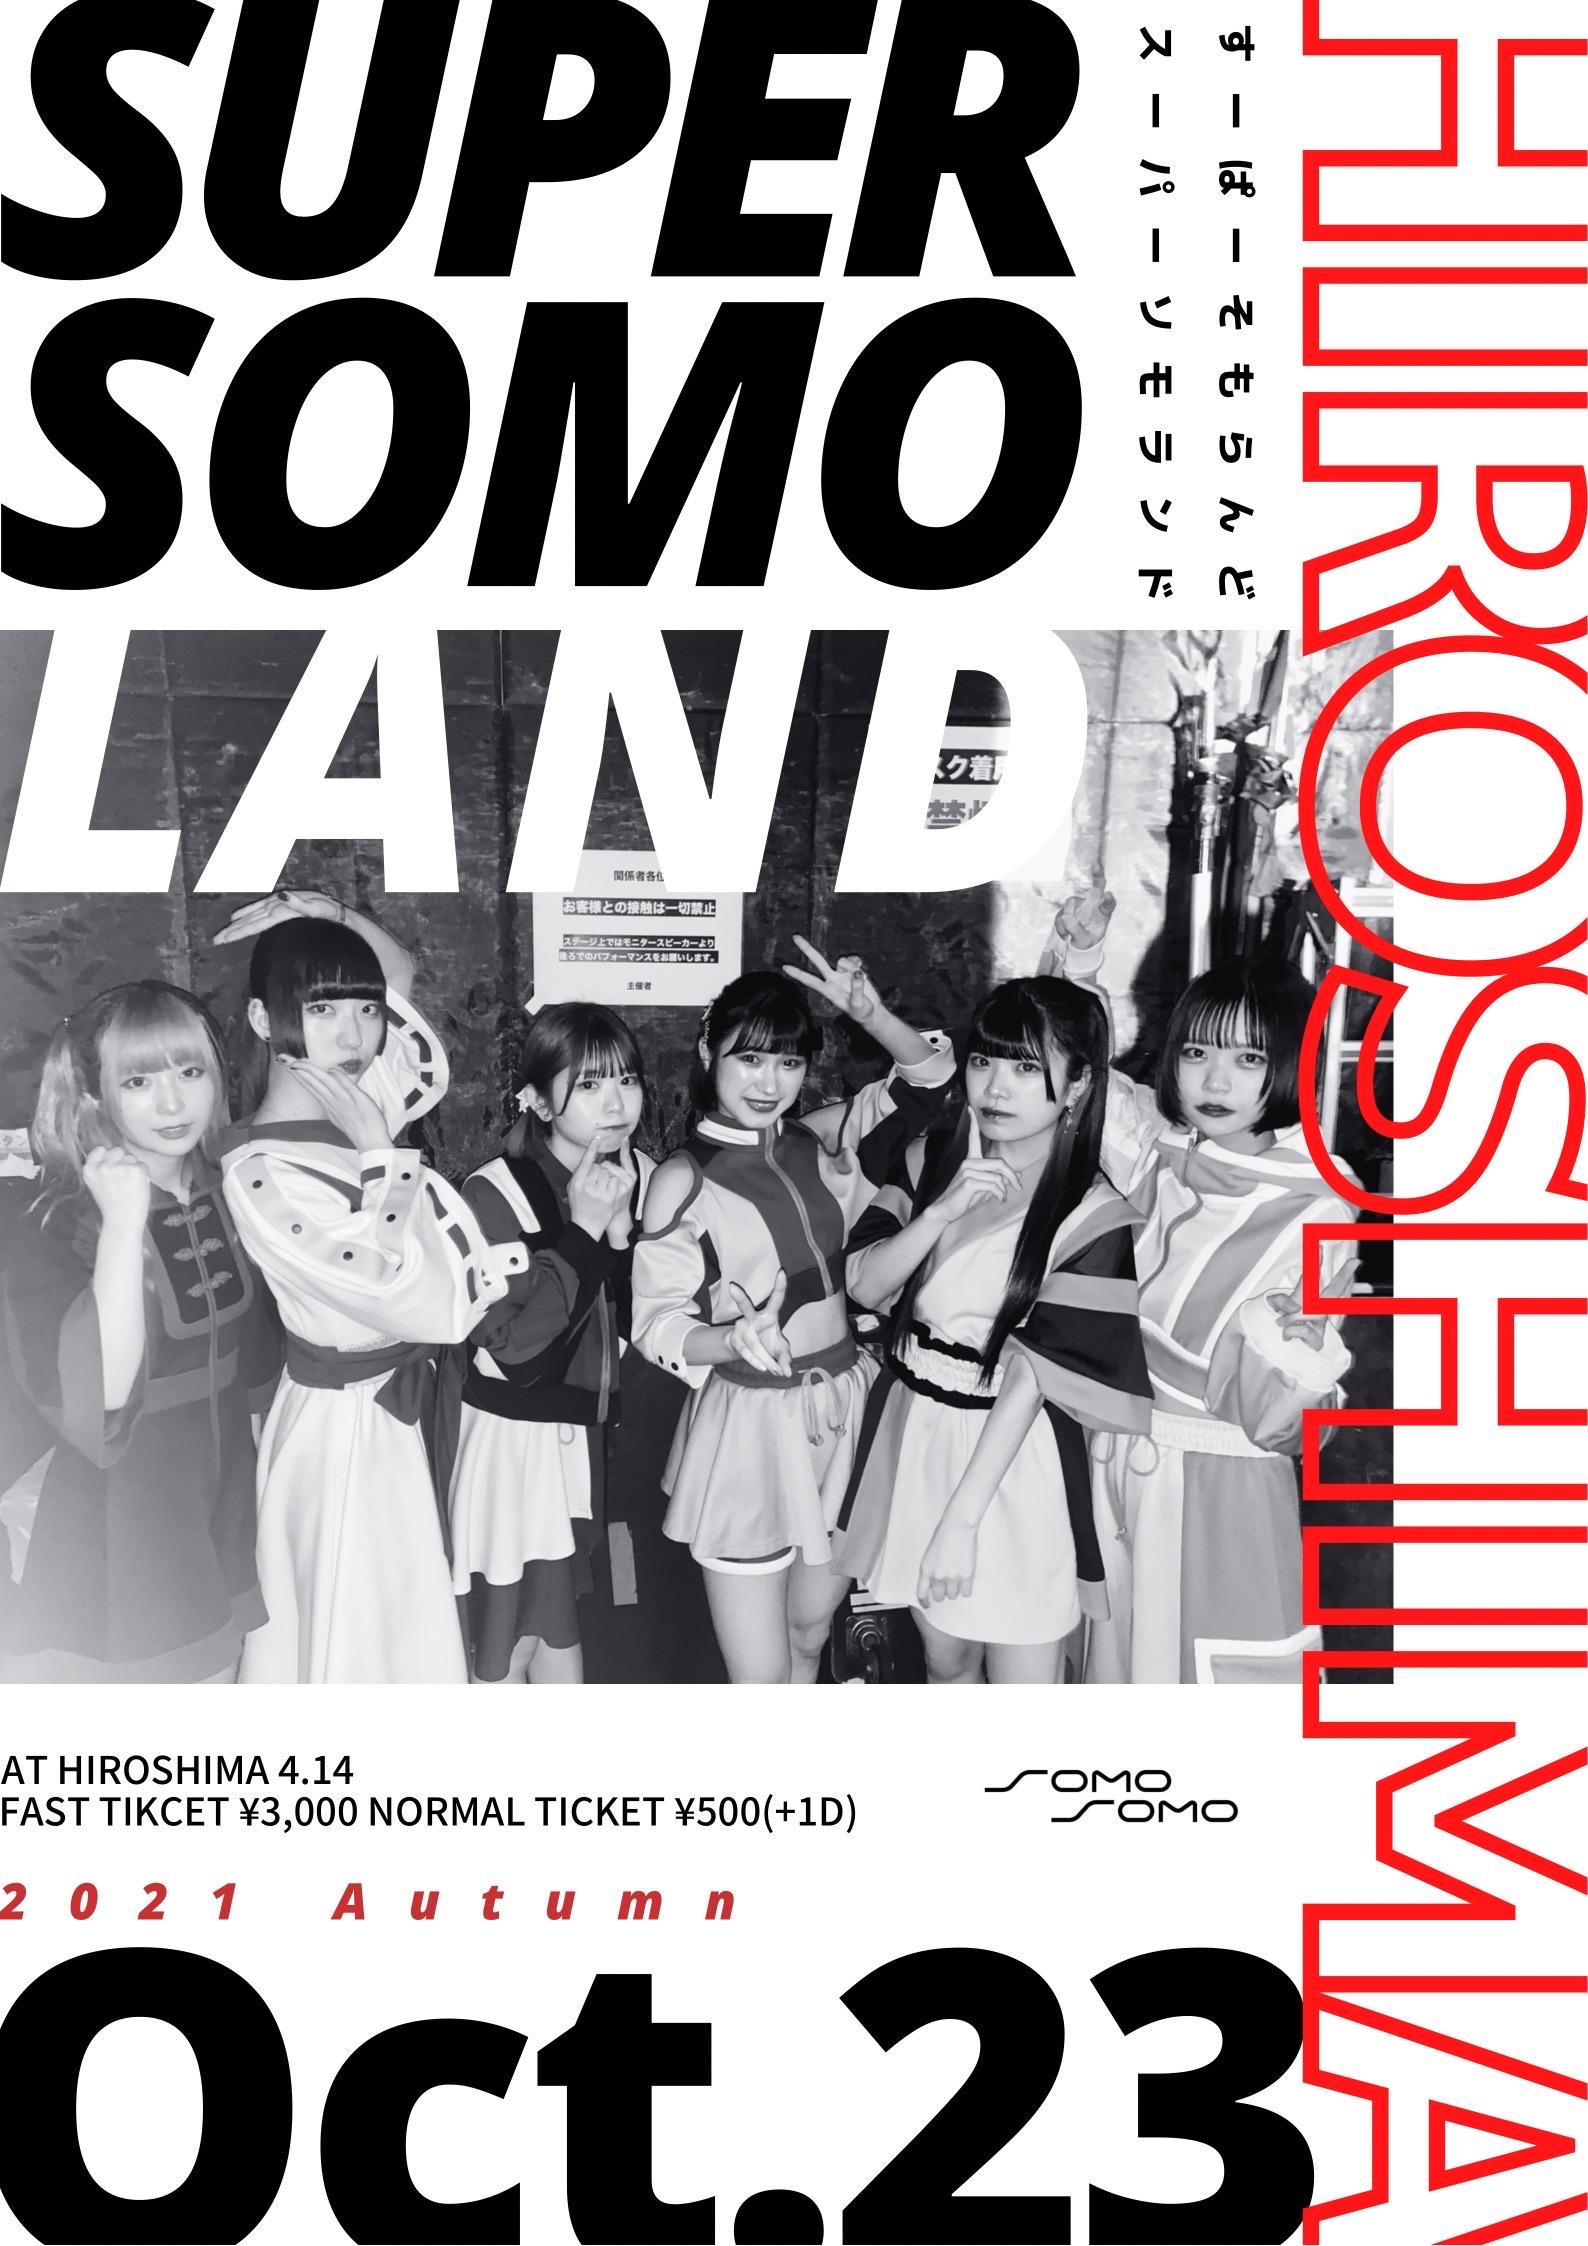 SUPER SOMO LAND in HIROSHIMA